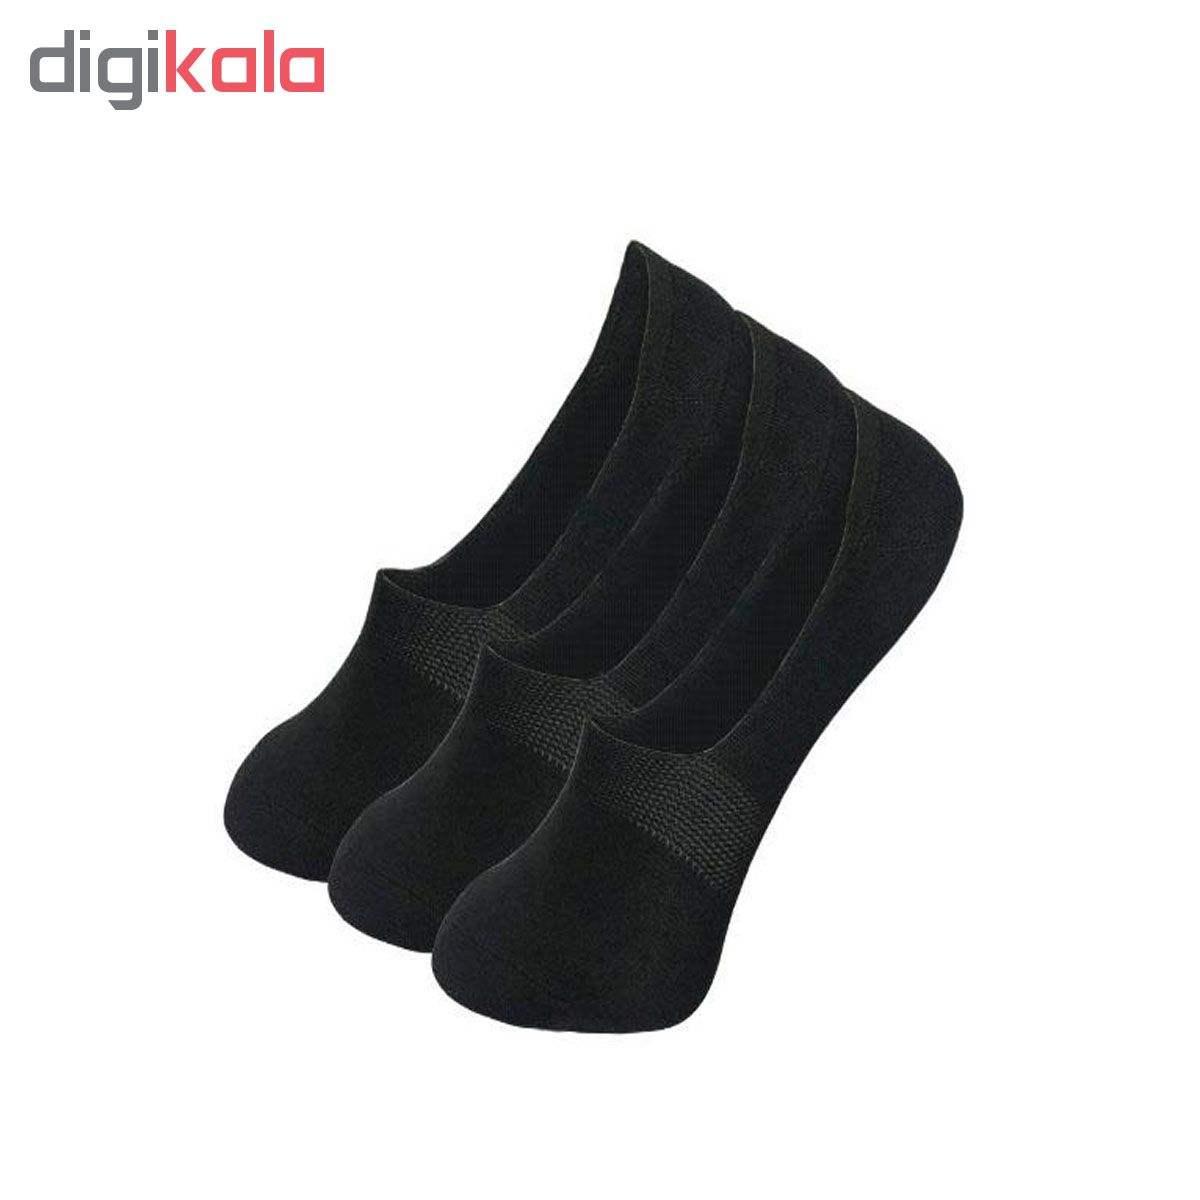 جوراب مردانه مدل k3 بسته 3 عددی main 1 1